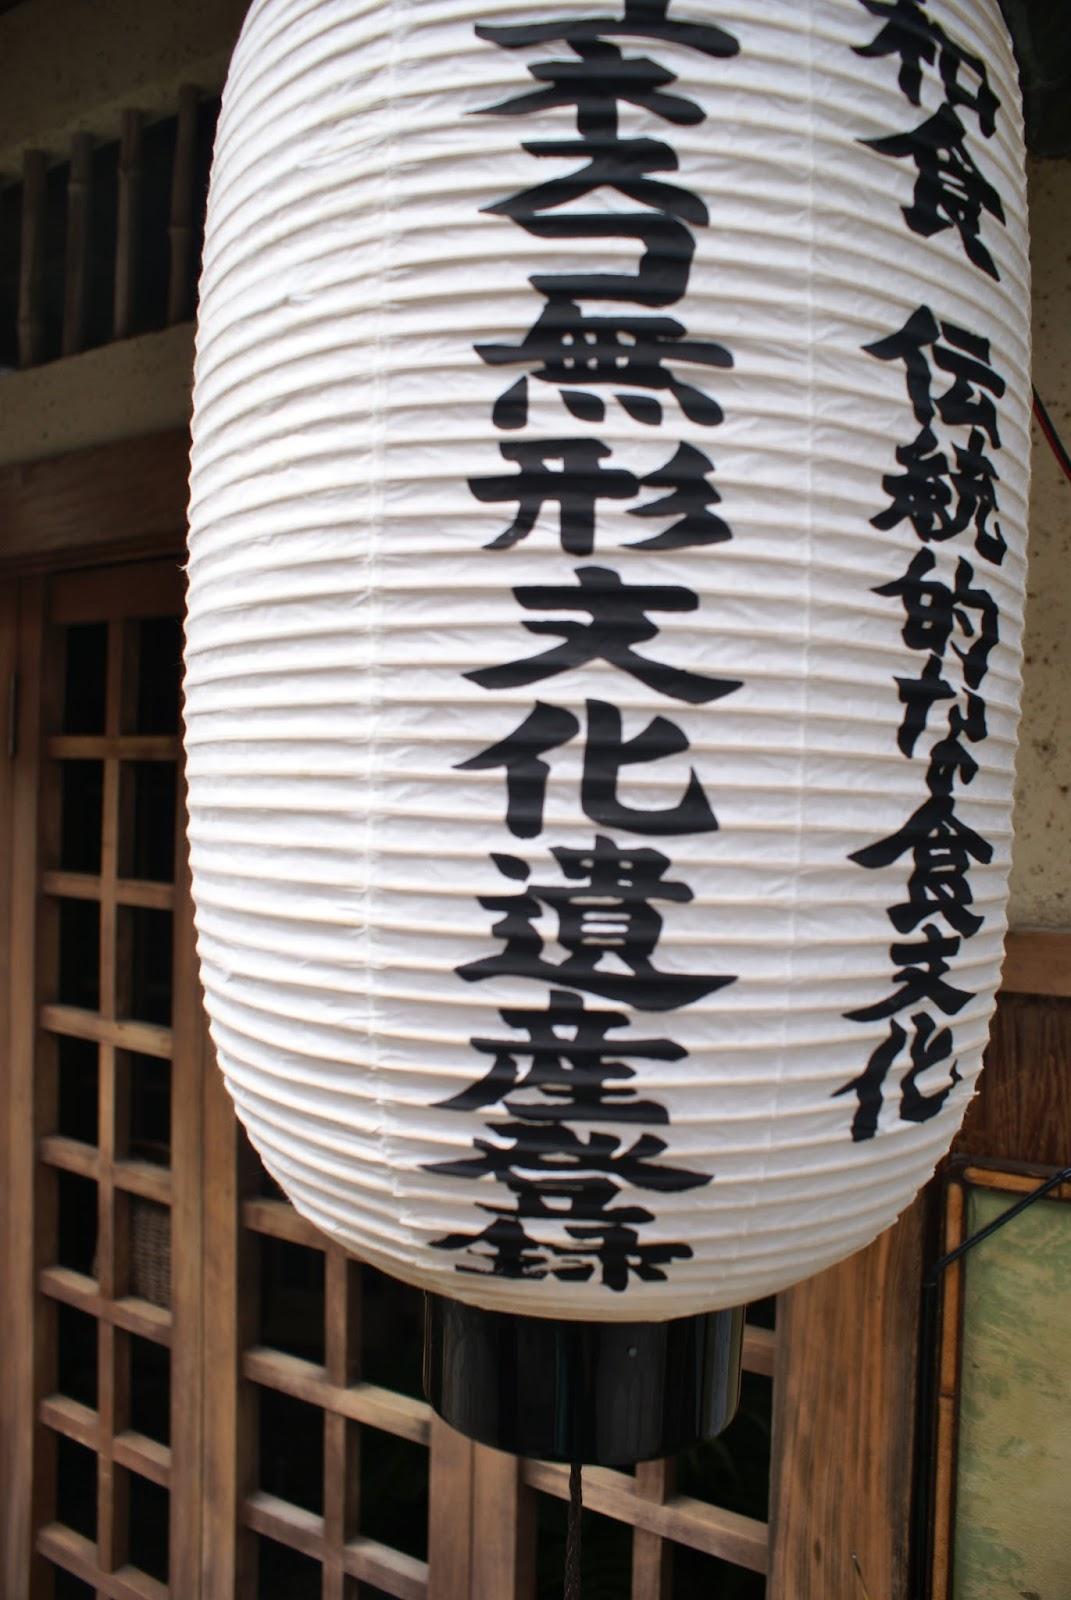 kyoto japan higashiyama ichibei koji paper lantern